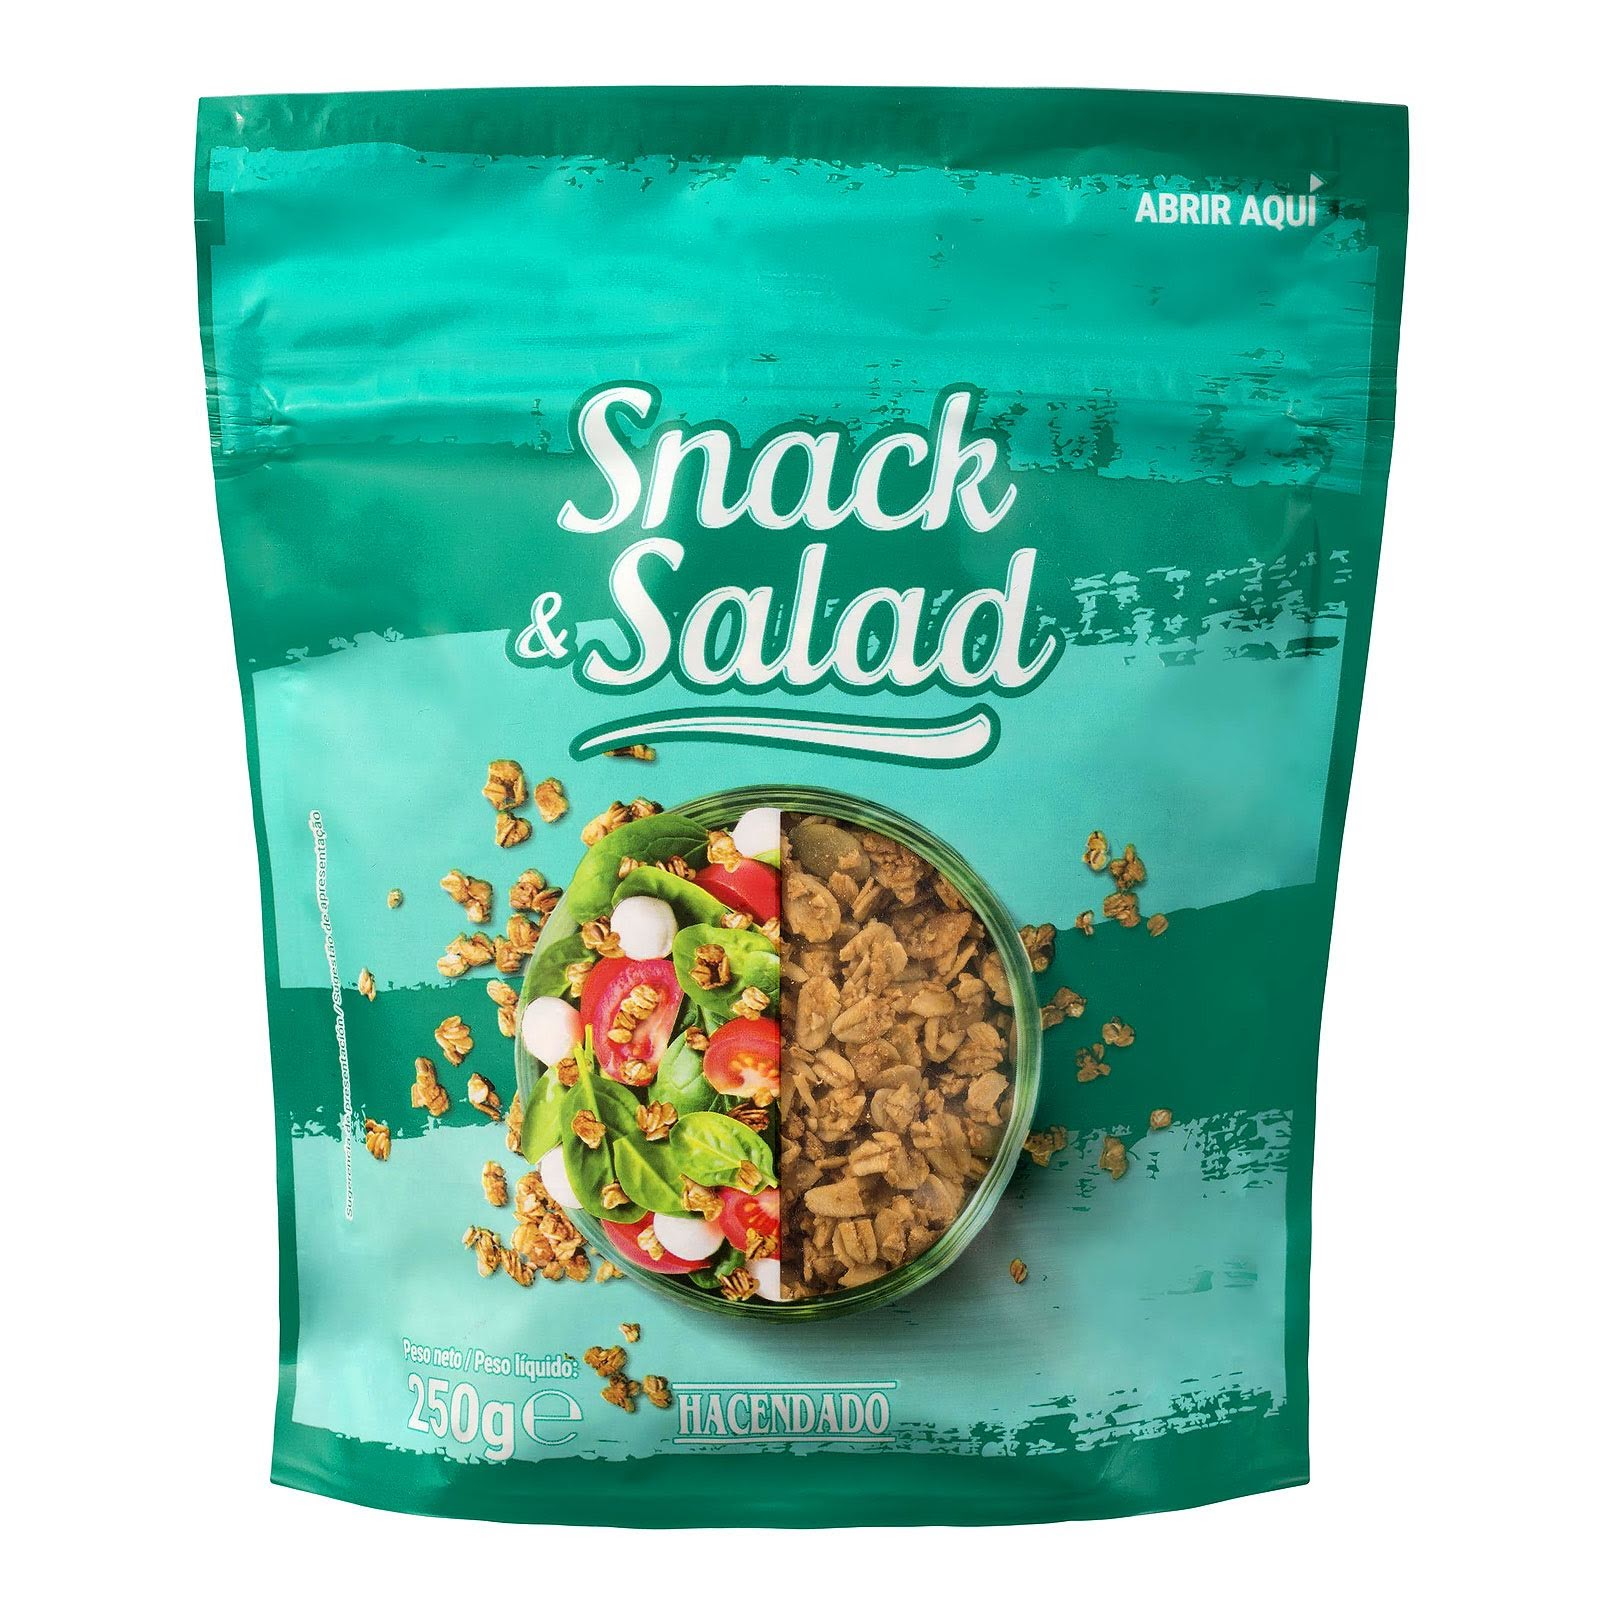 Snack & salad Hacendado